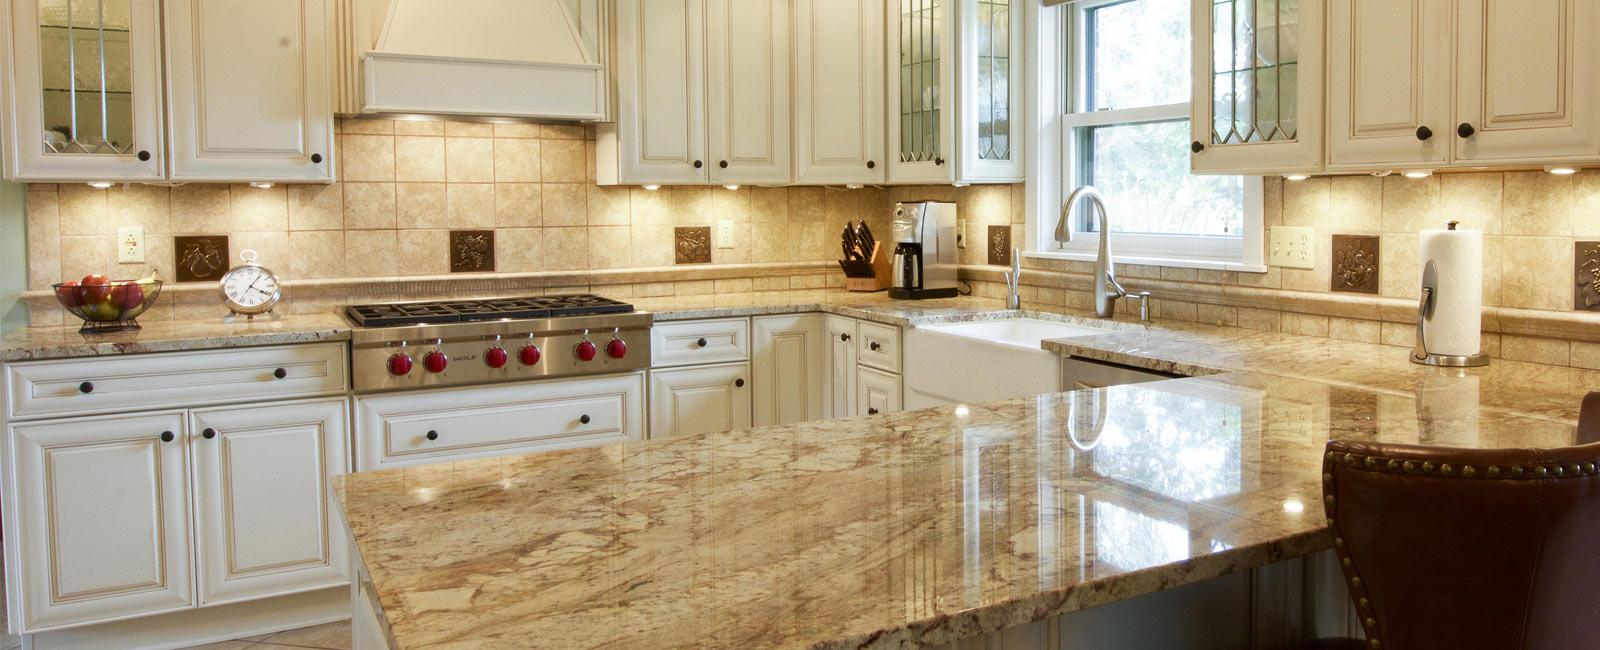 Marble & Granite Work